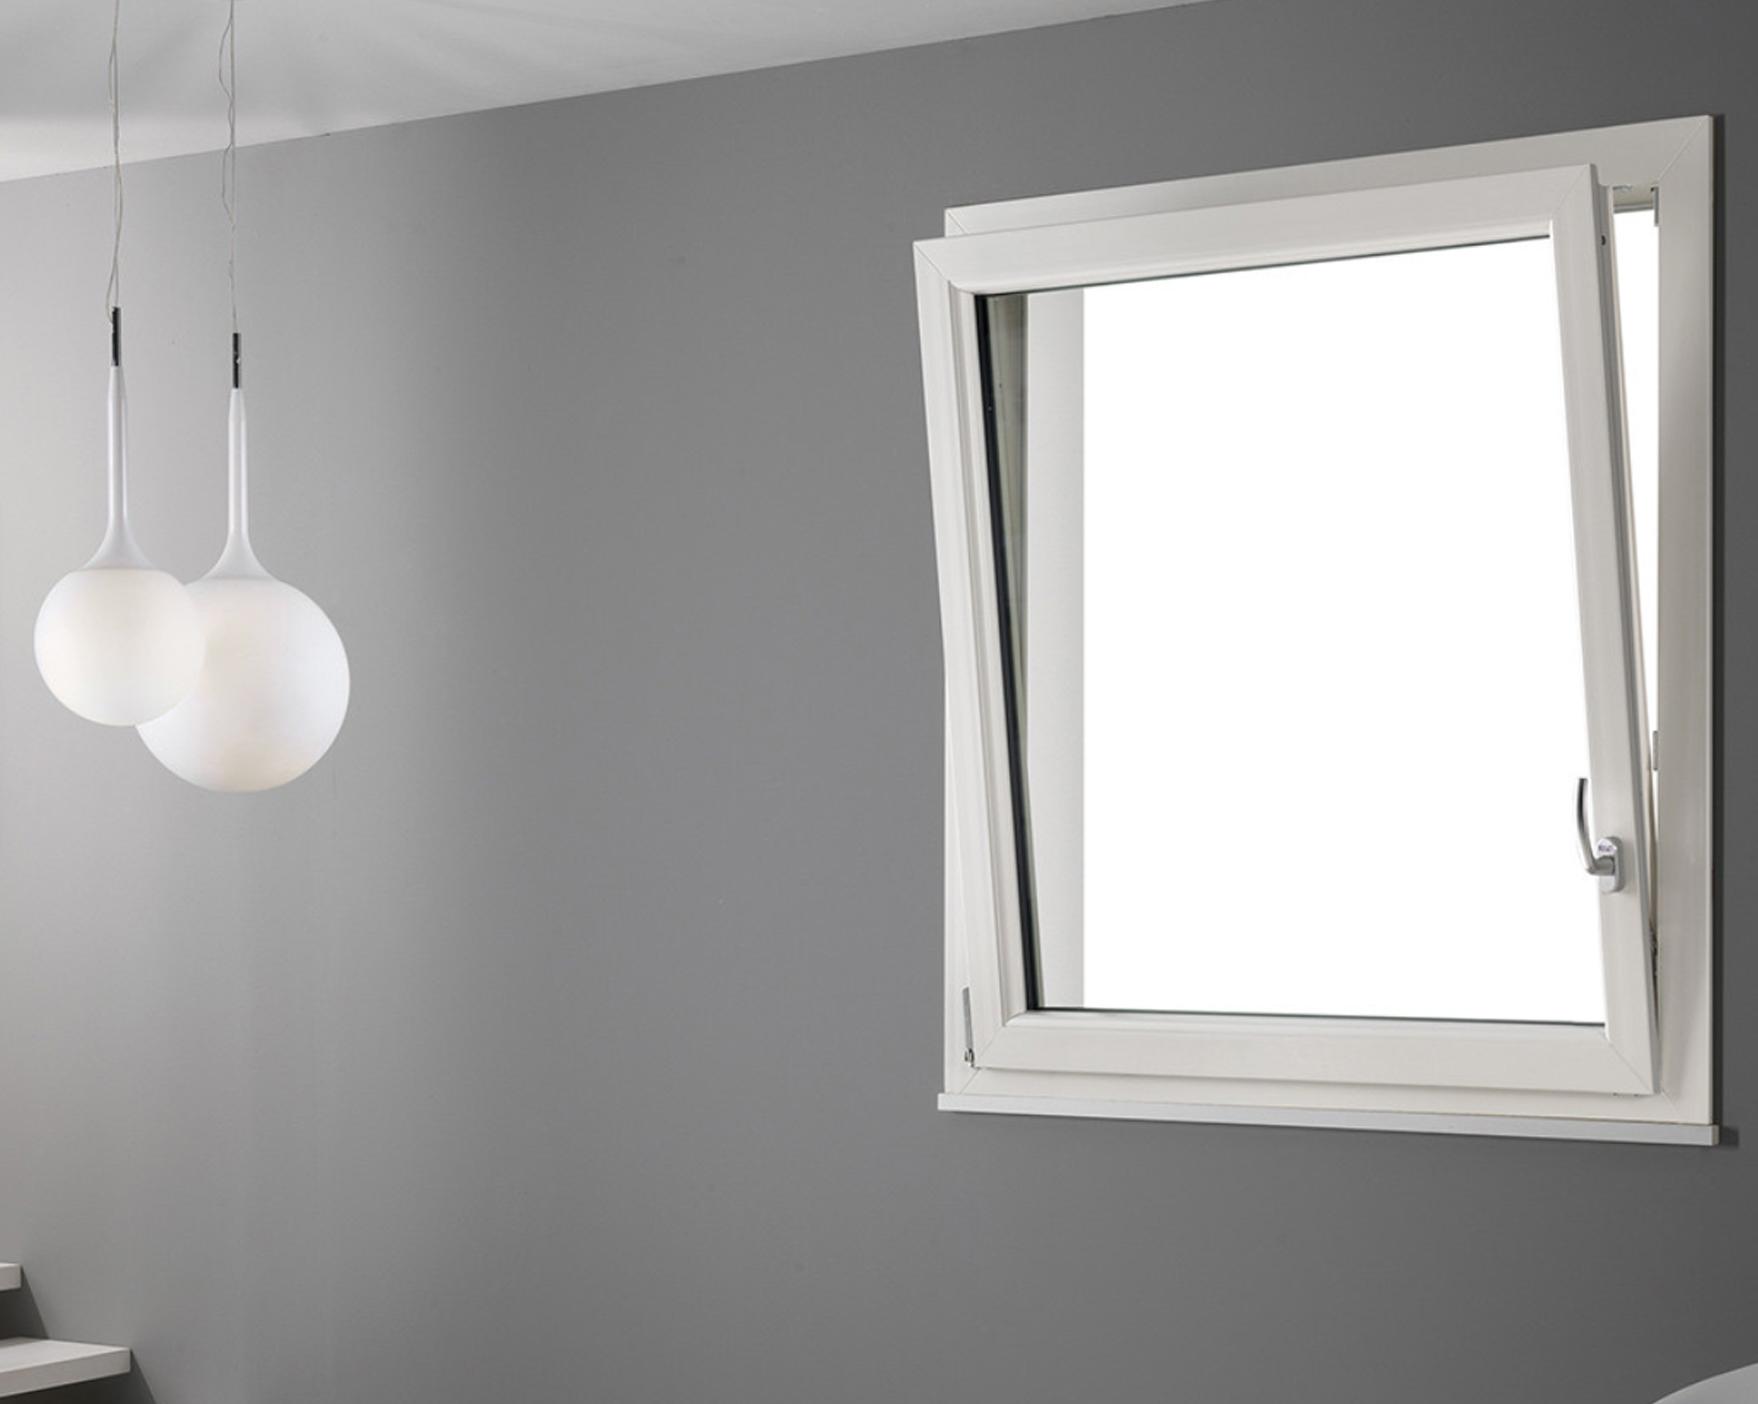 installazione-vendita-finestre-serramenti-in-pvc-casalgrande-scandiano-formigine